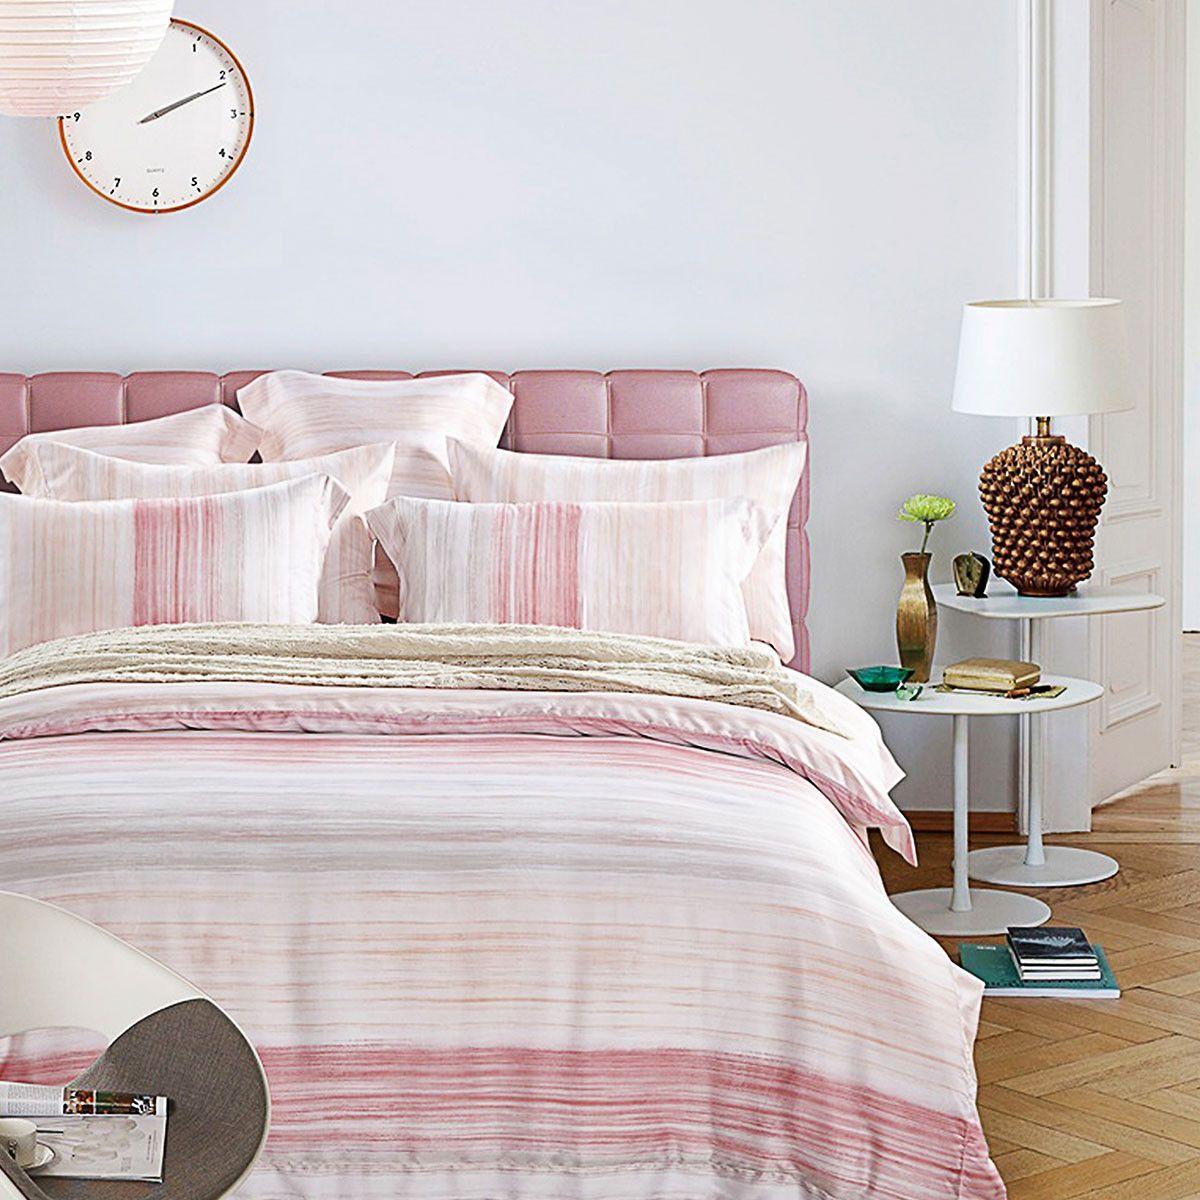 Bettwasche Aus Samt Bettwasche Leinenbettwasche Und Rosa Bettwasche